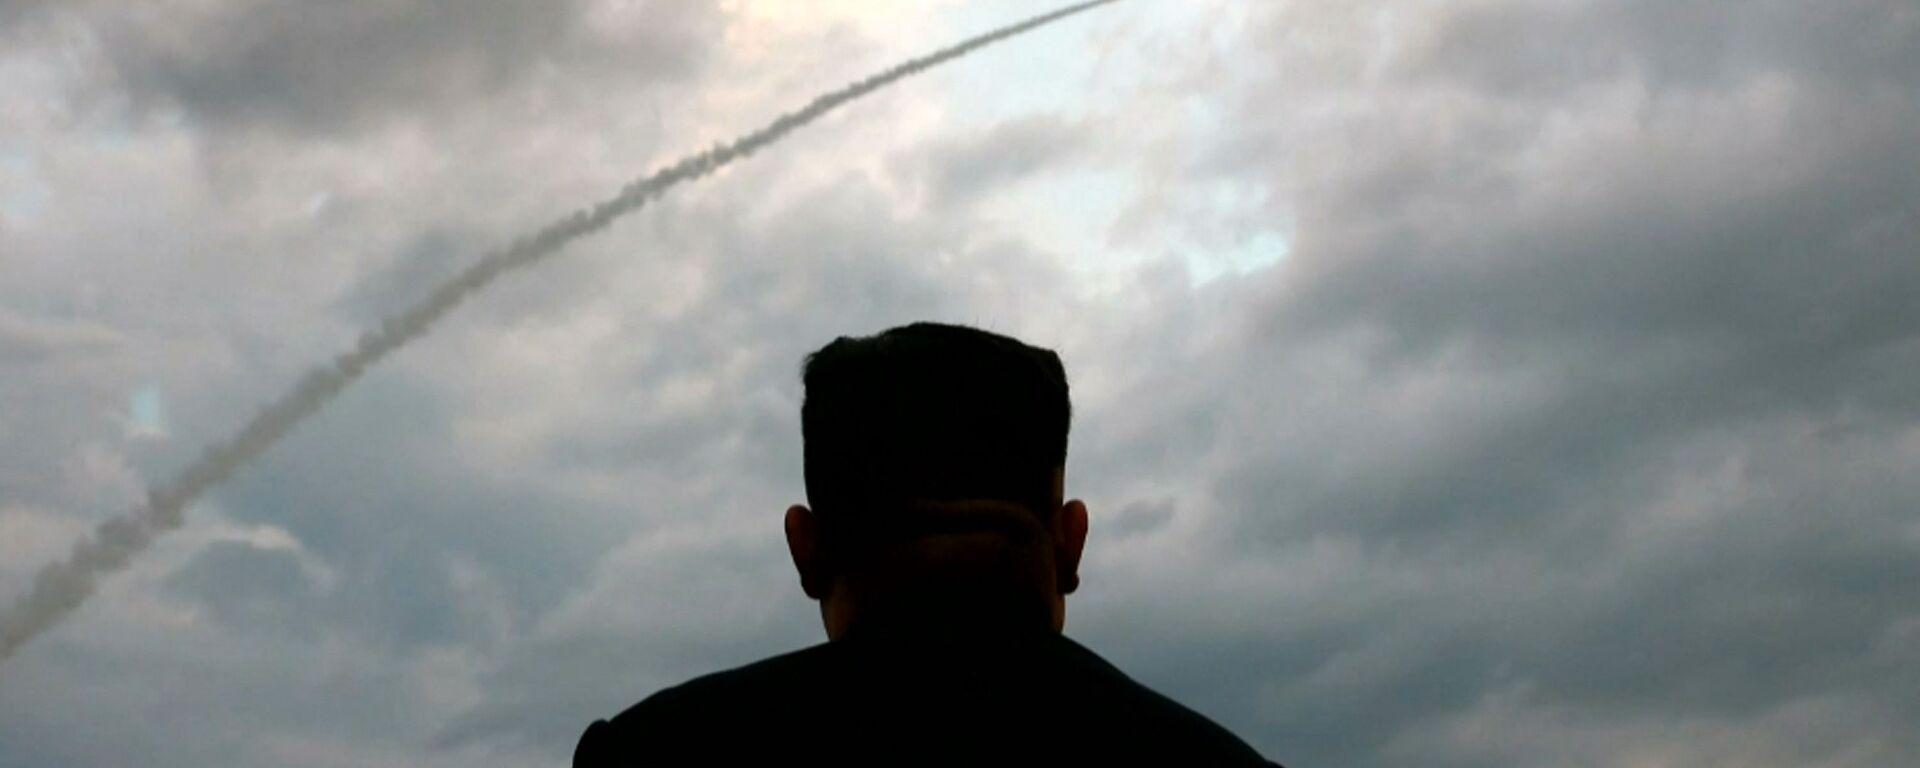 Il leader nordcoreano Kim Jong-un assiste al lancio di un missile balistico - Sputnik Italia, 1920, 08.07.2021